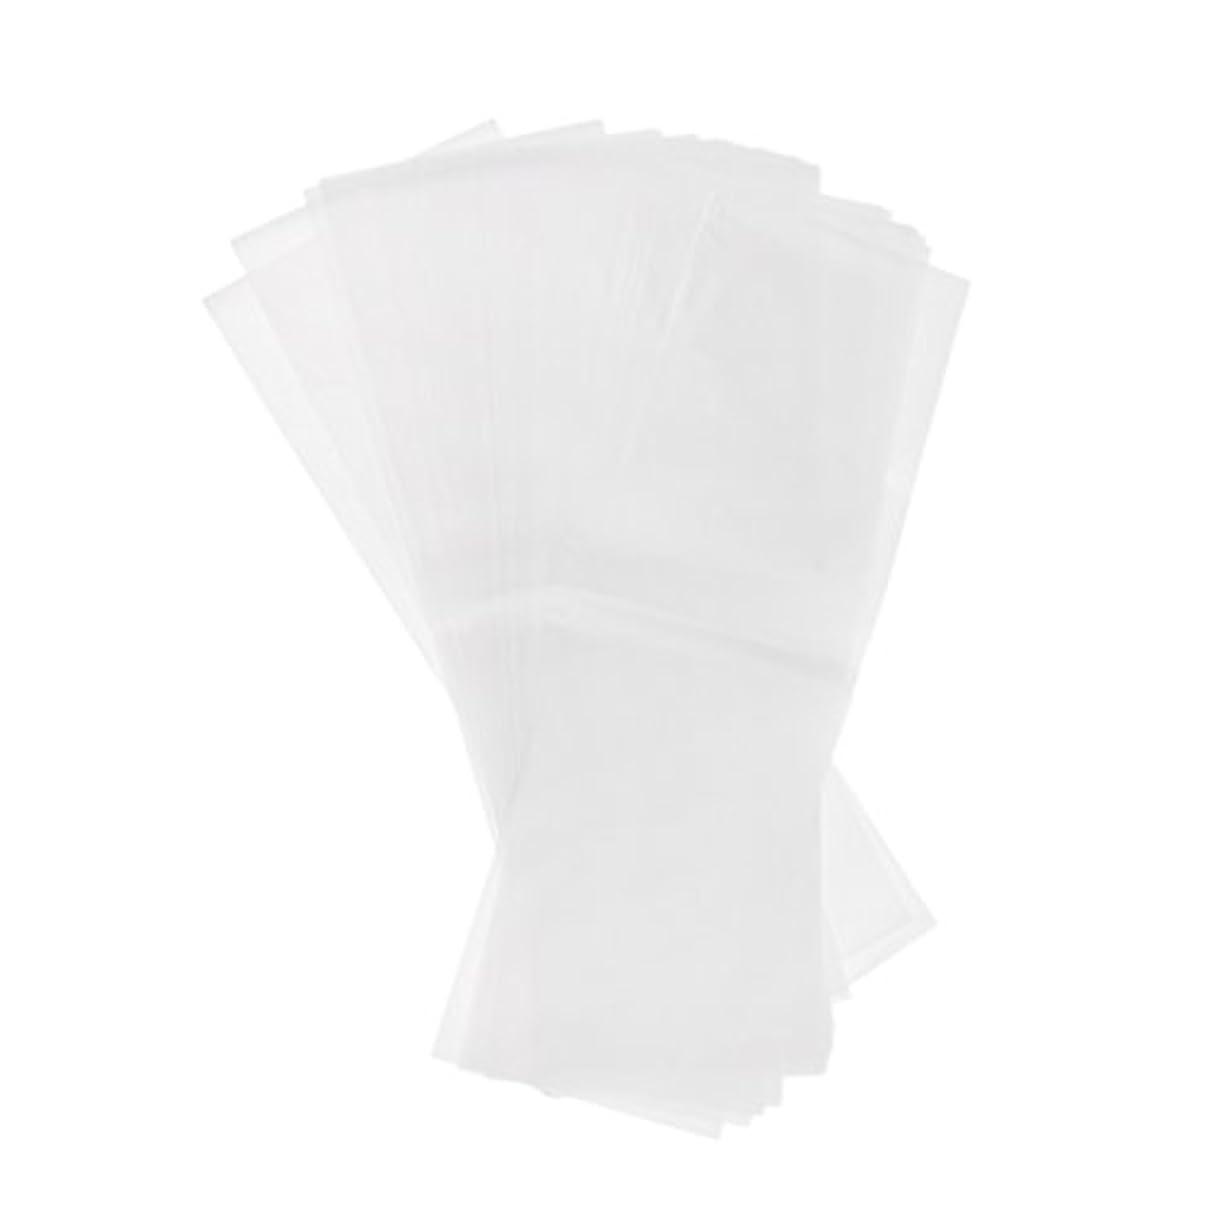 引き金恨み差別する約100個 毛染め サロン プラスチック 染毛紙 色のハイライト 分離シート 再利用可能